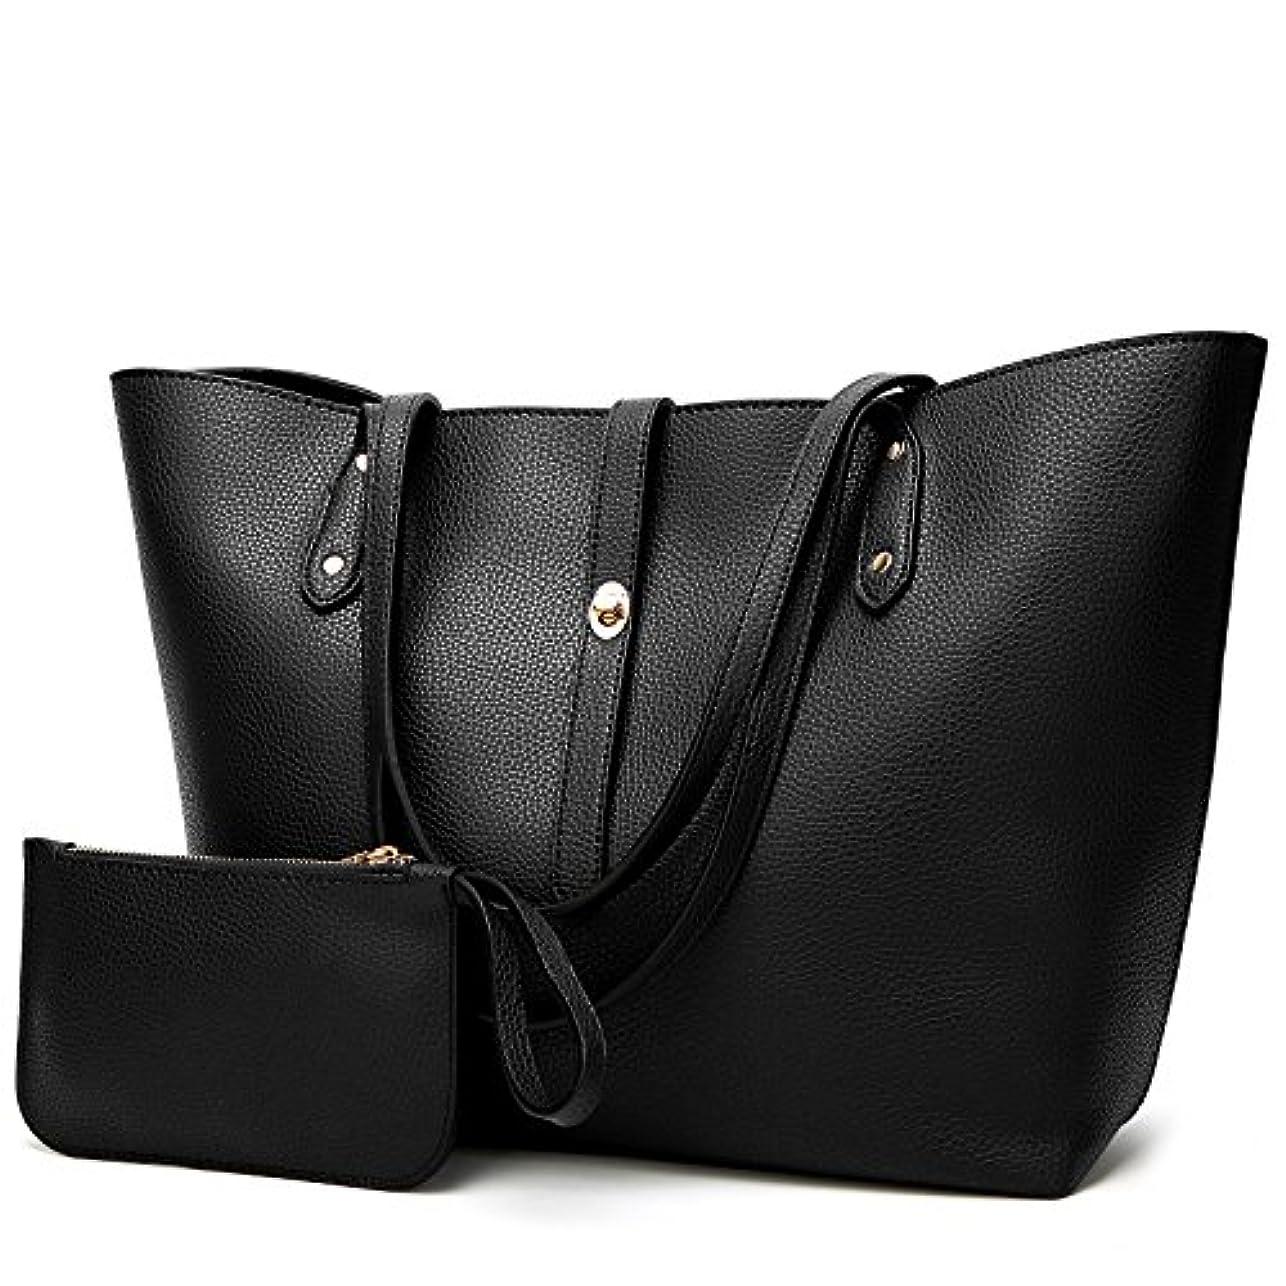 ボルトアコード億[TcIFE] ハンドバッグ レディース トートバッグ 大容量 無地 ショルダーバッグ 2way 財布とハンドバッグ